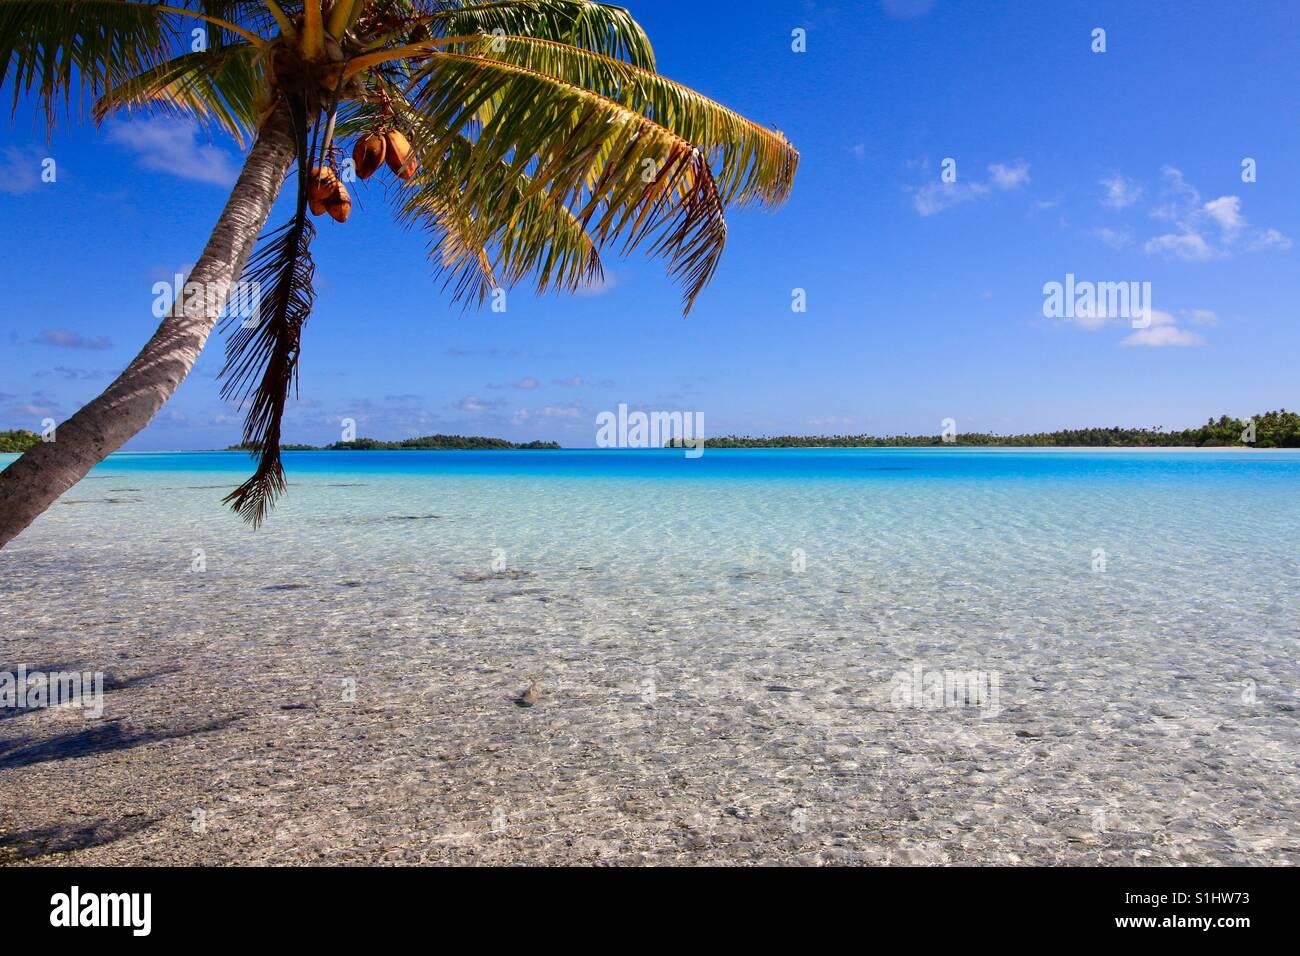 Paradise - Stock Image